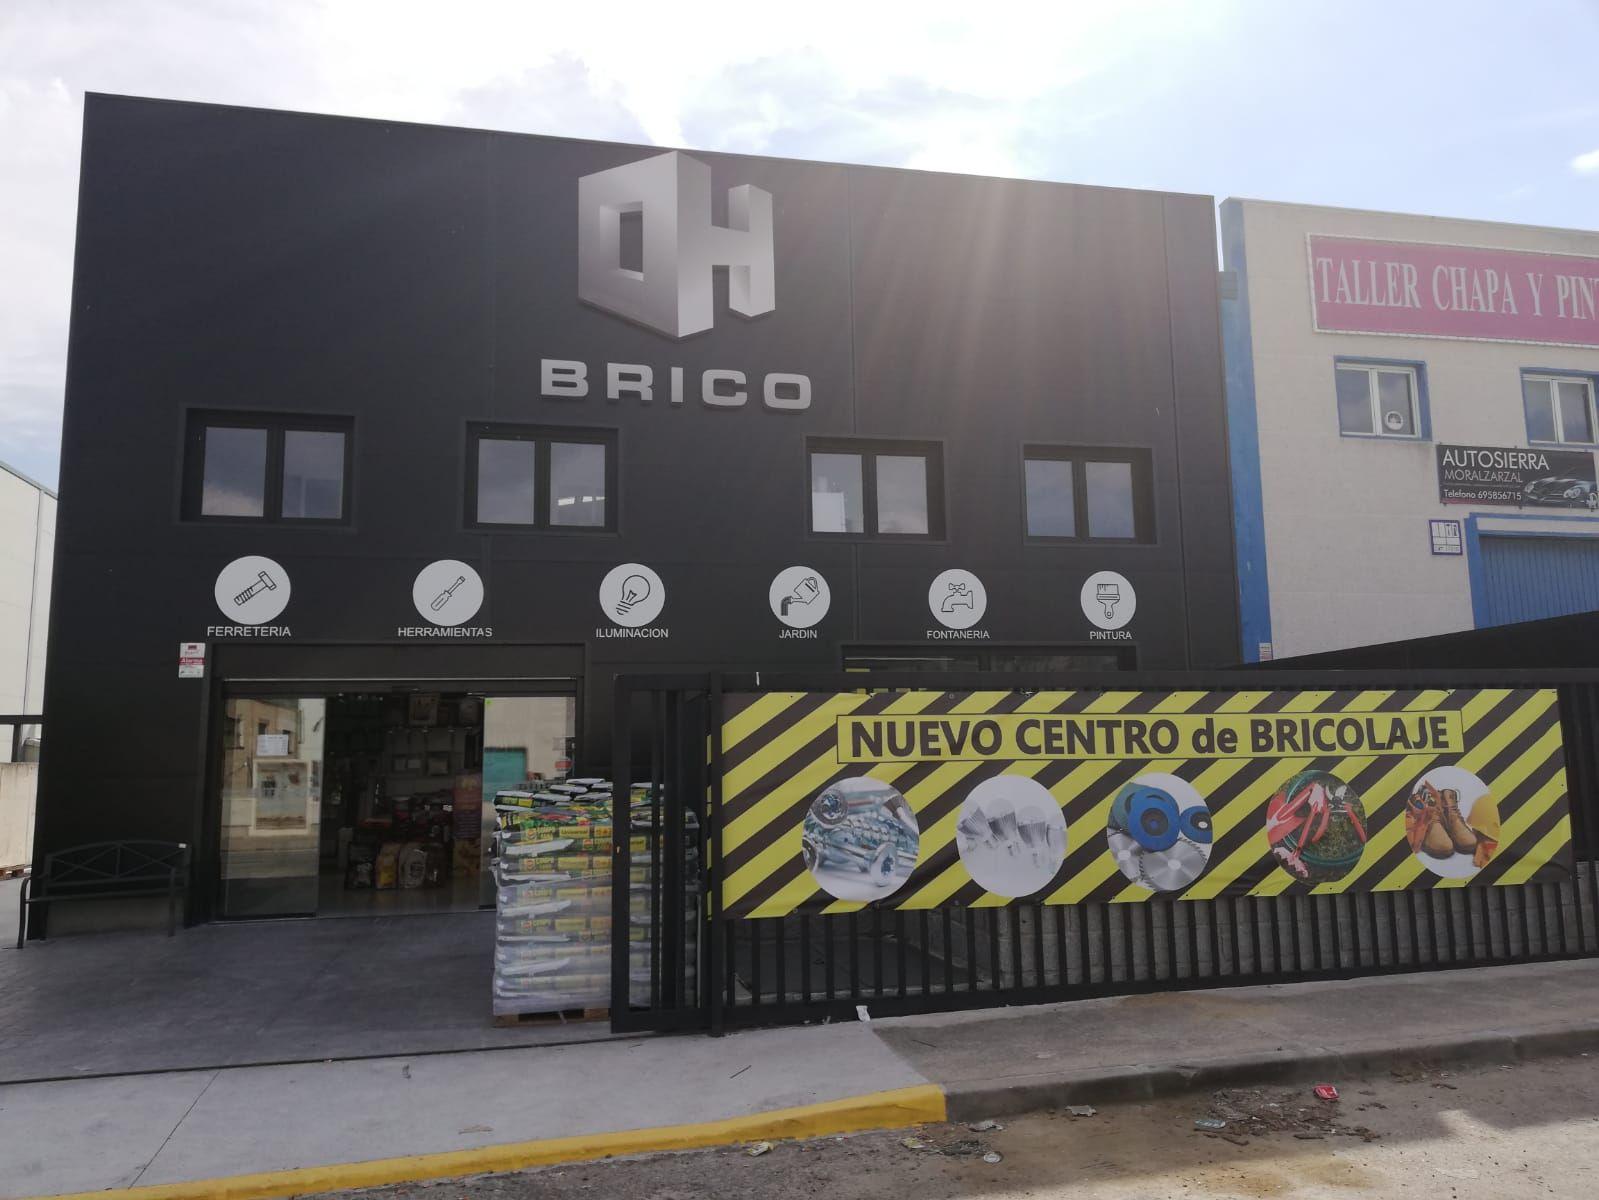 Tienda de bricolaje en Cerceda